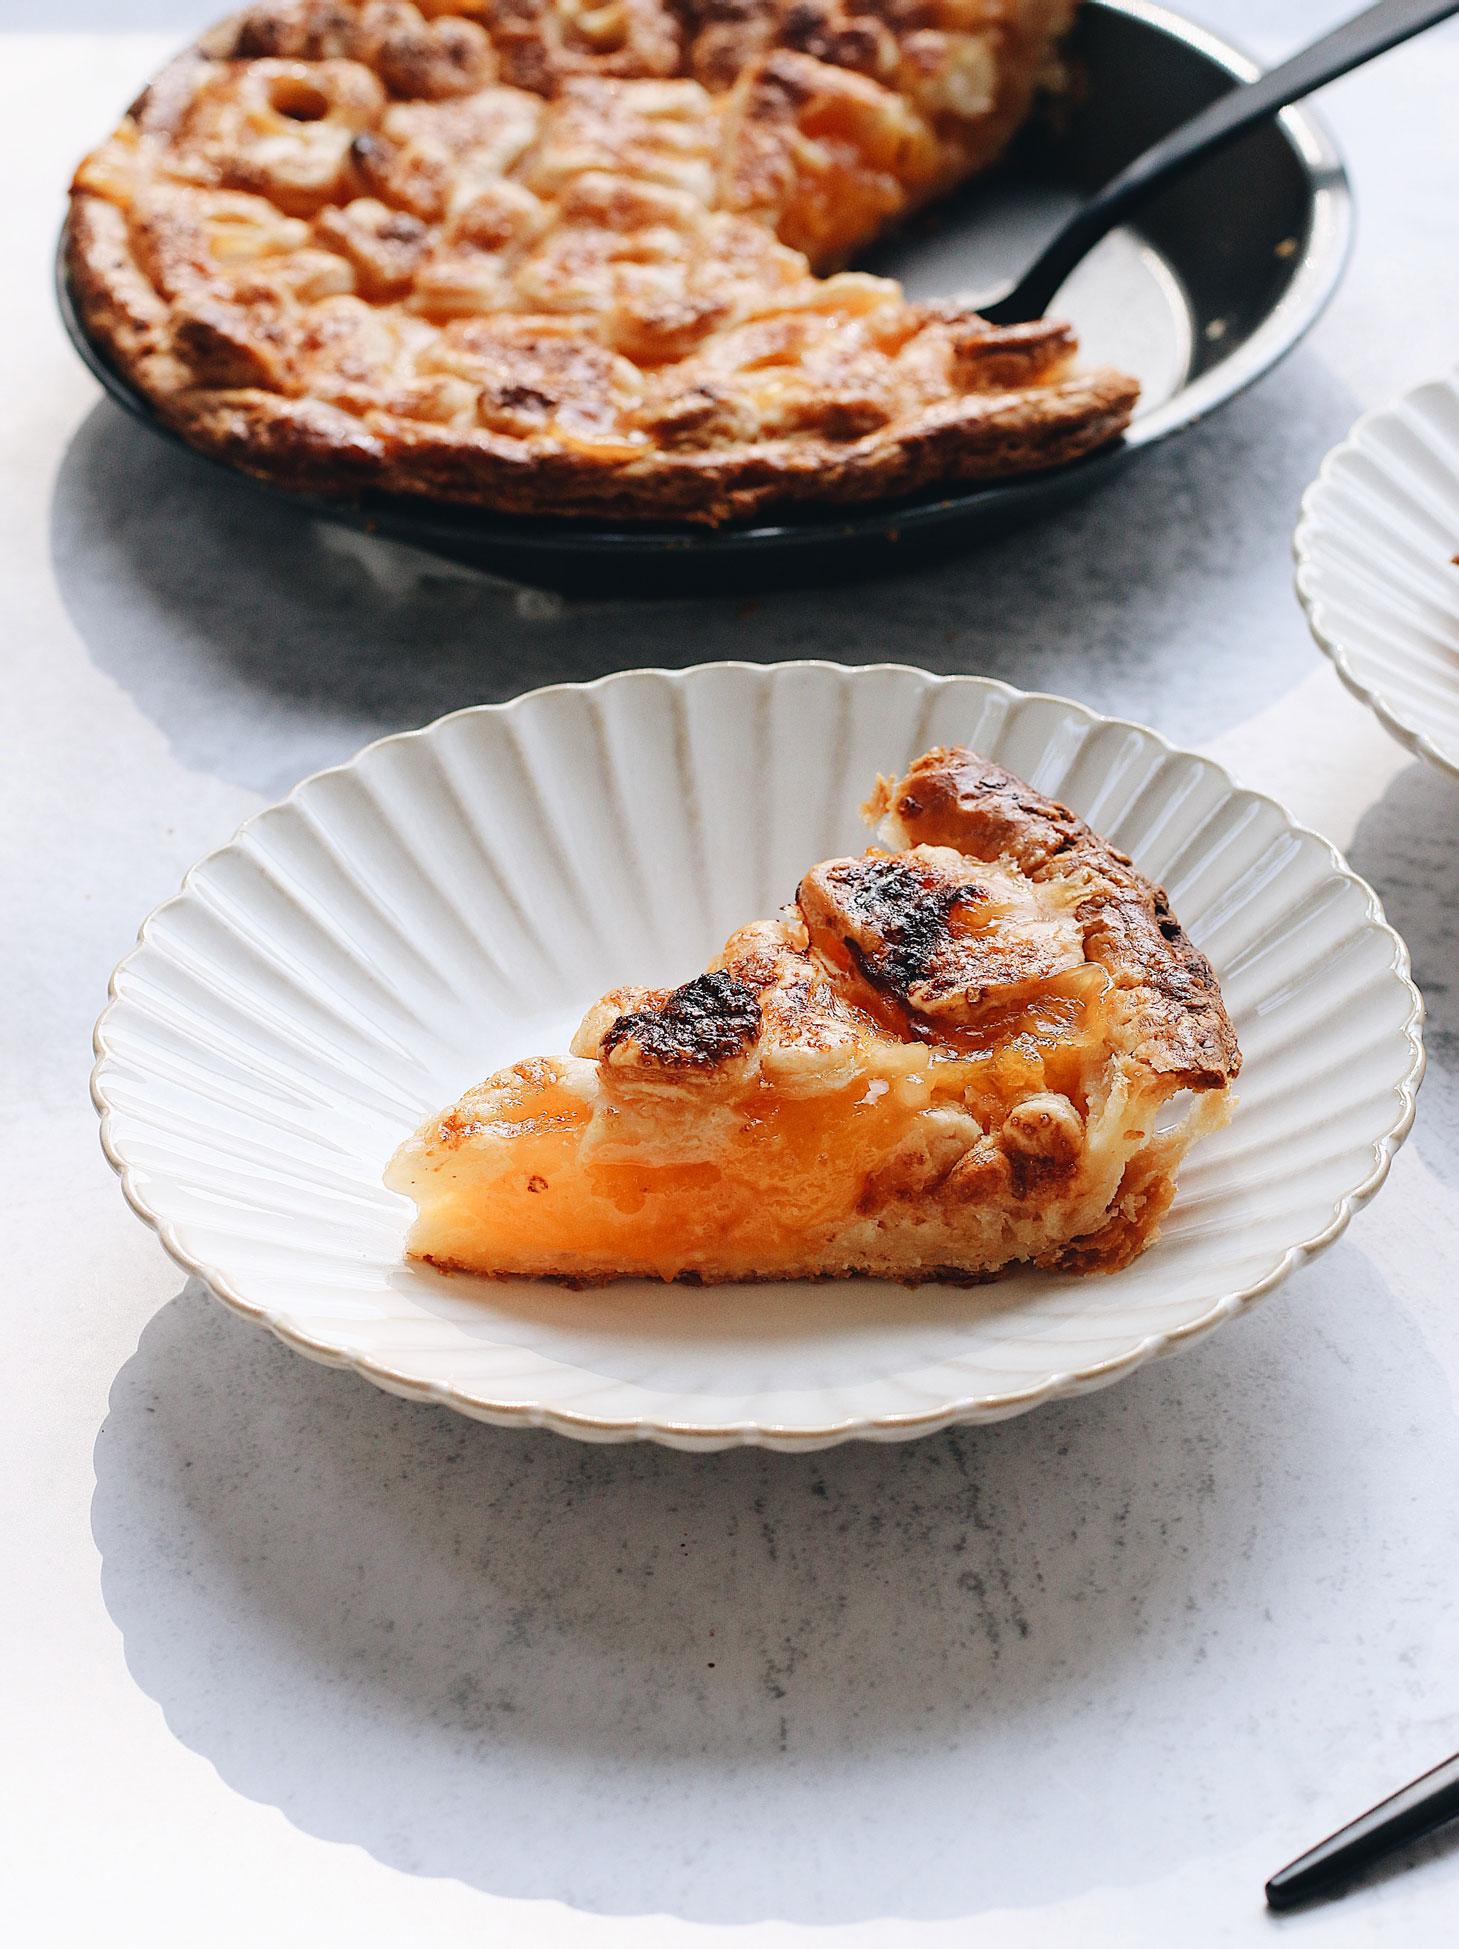 herbakinglab-peach-pie-slice-02